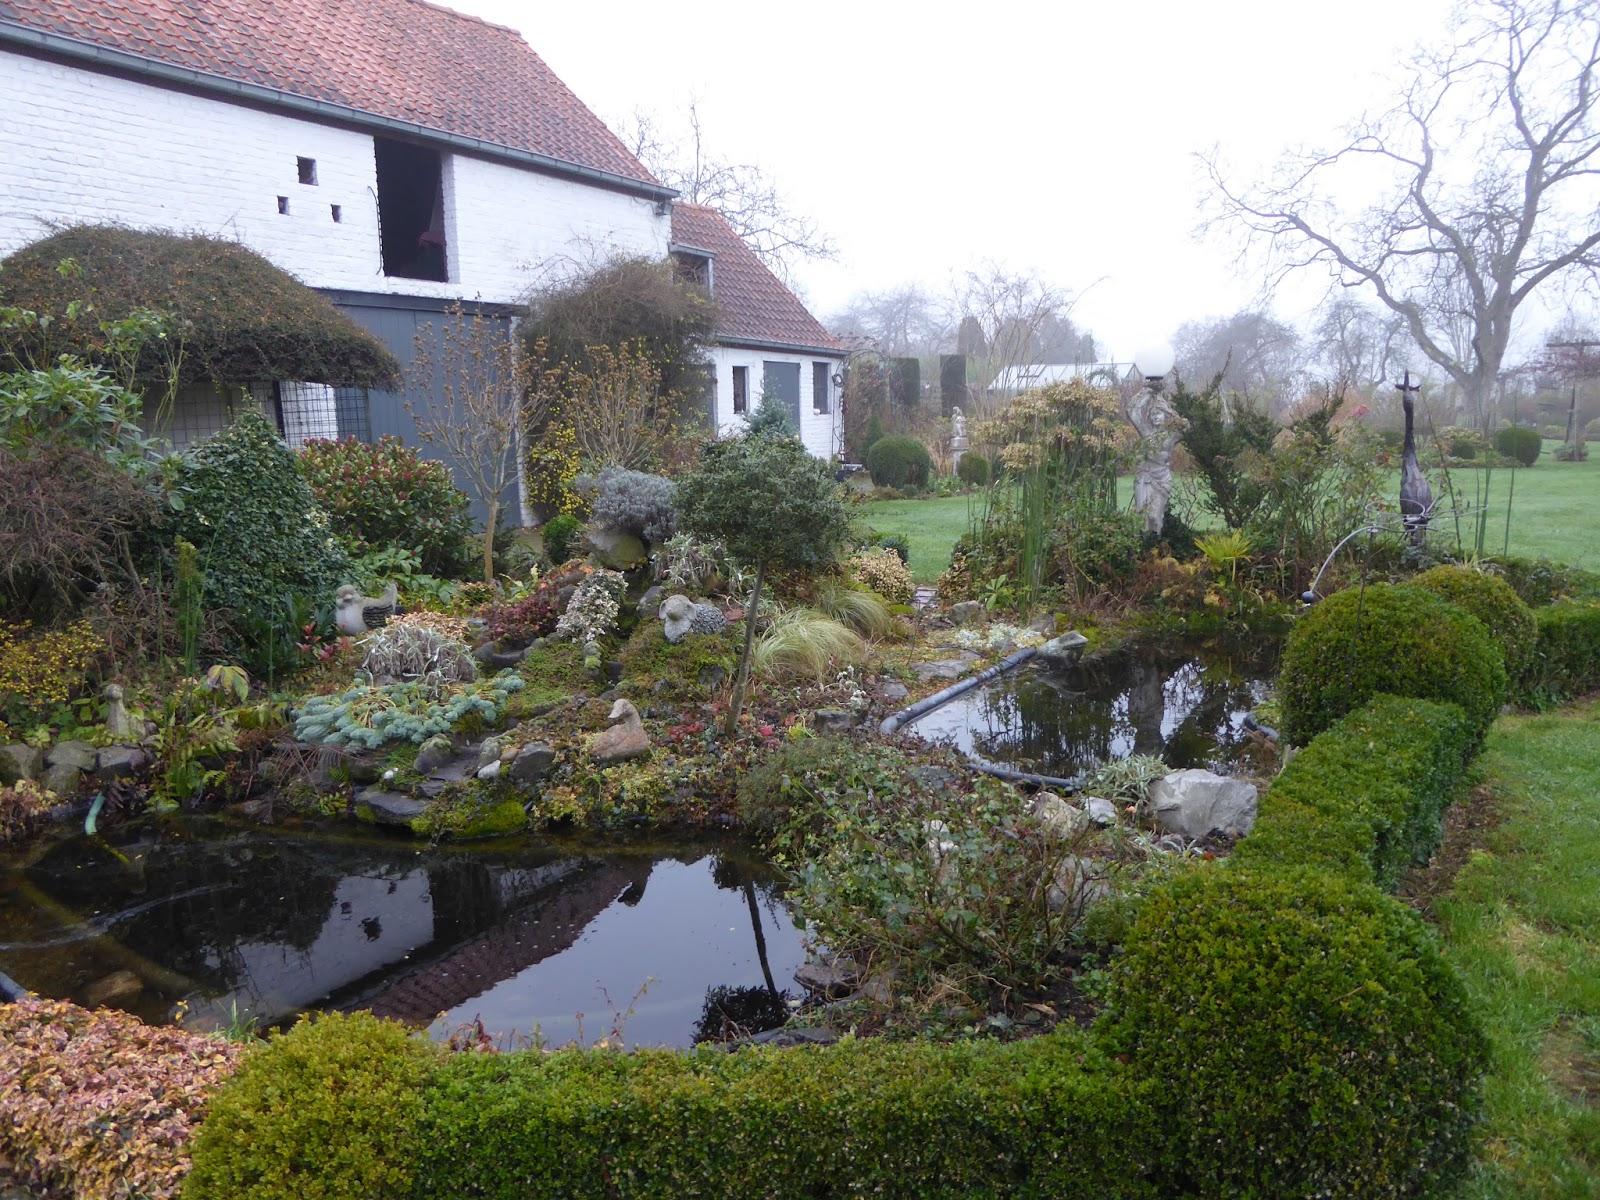 Le jardin de doudou vive les fleurs a l int rieur - Vive le jardin bressuire ...